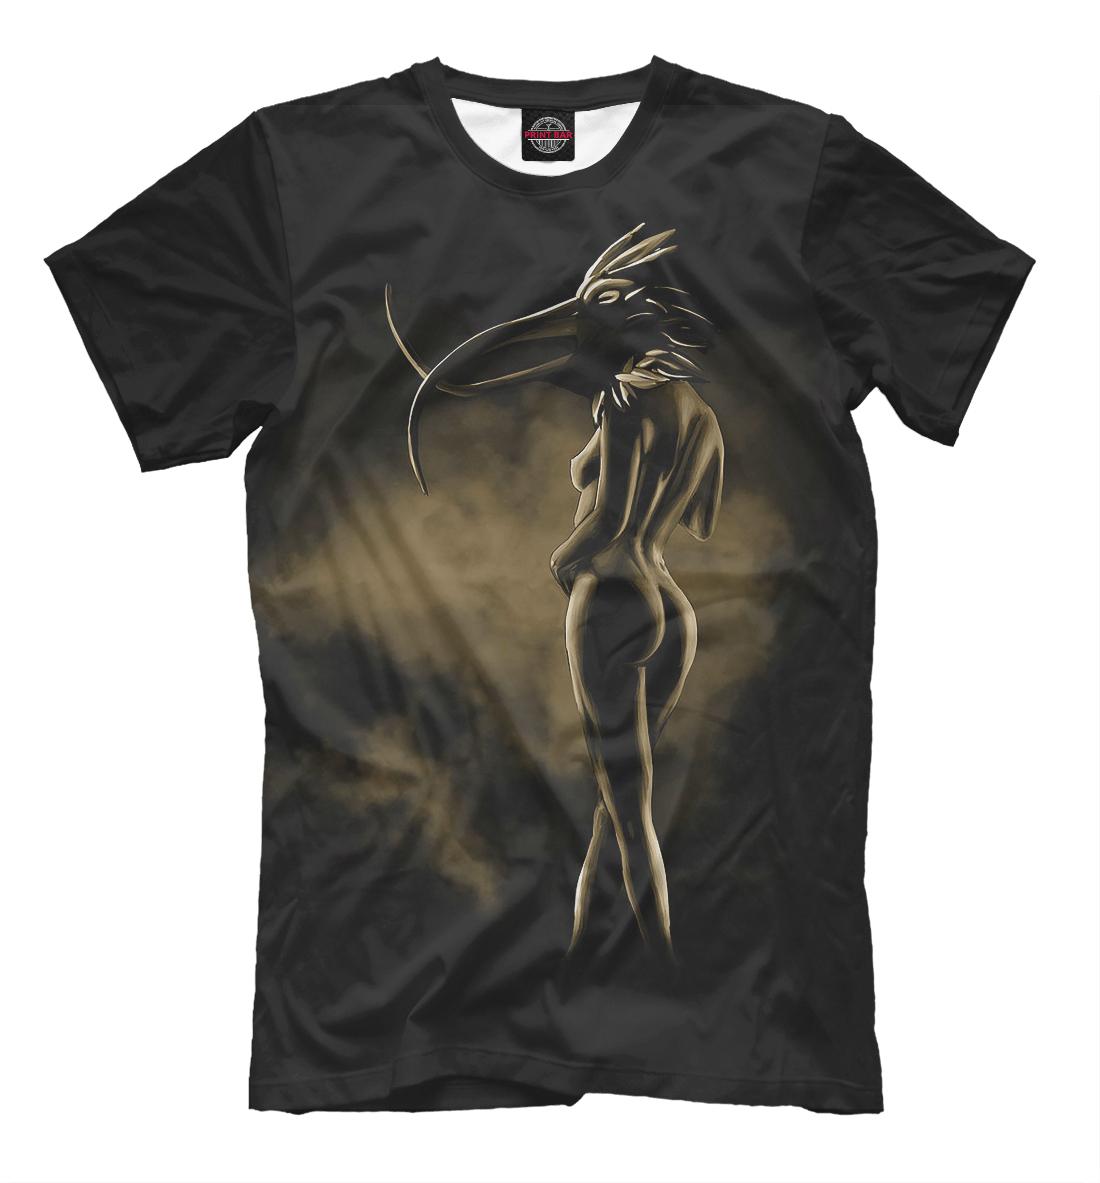 Купить Depeche Mode, Printbar, Футболки, DPM-558626-fut-2